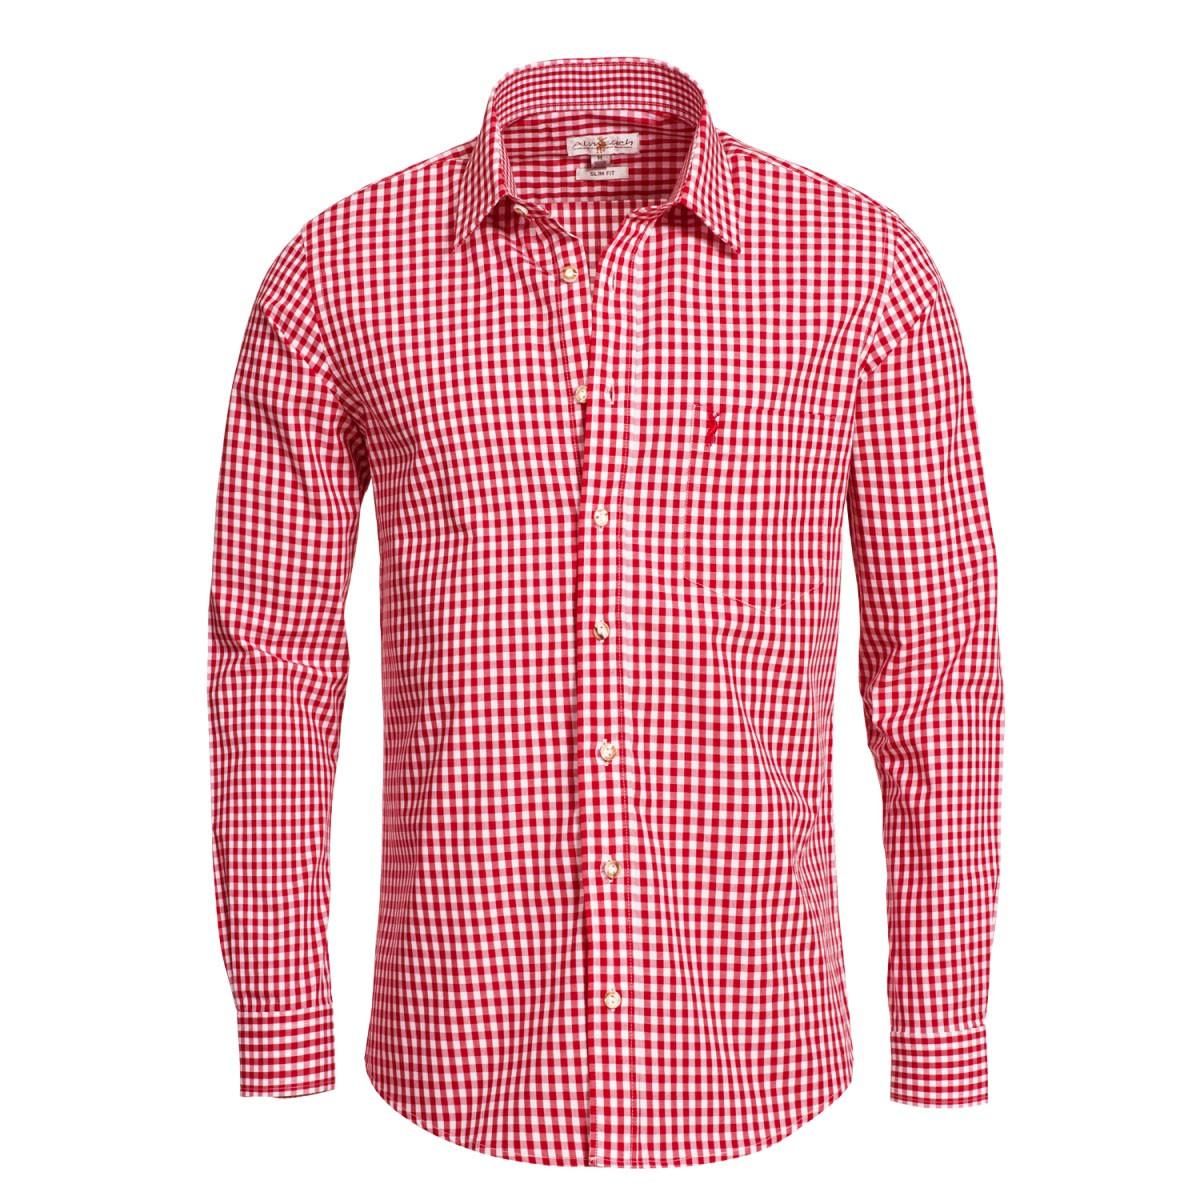 Trachtenhemd Liberto Slim Fit in Rot von Almsach günstig online kaufen